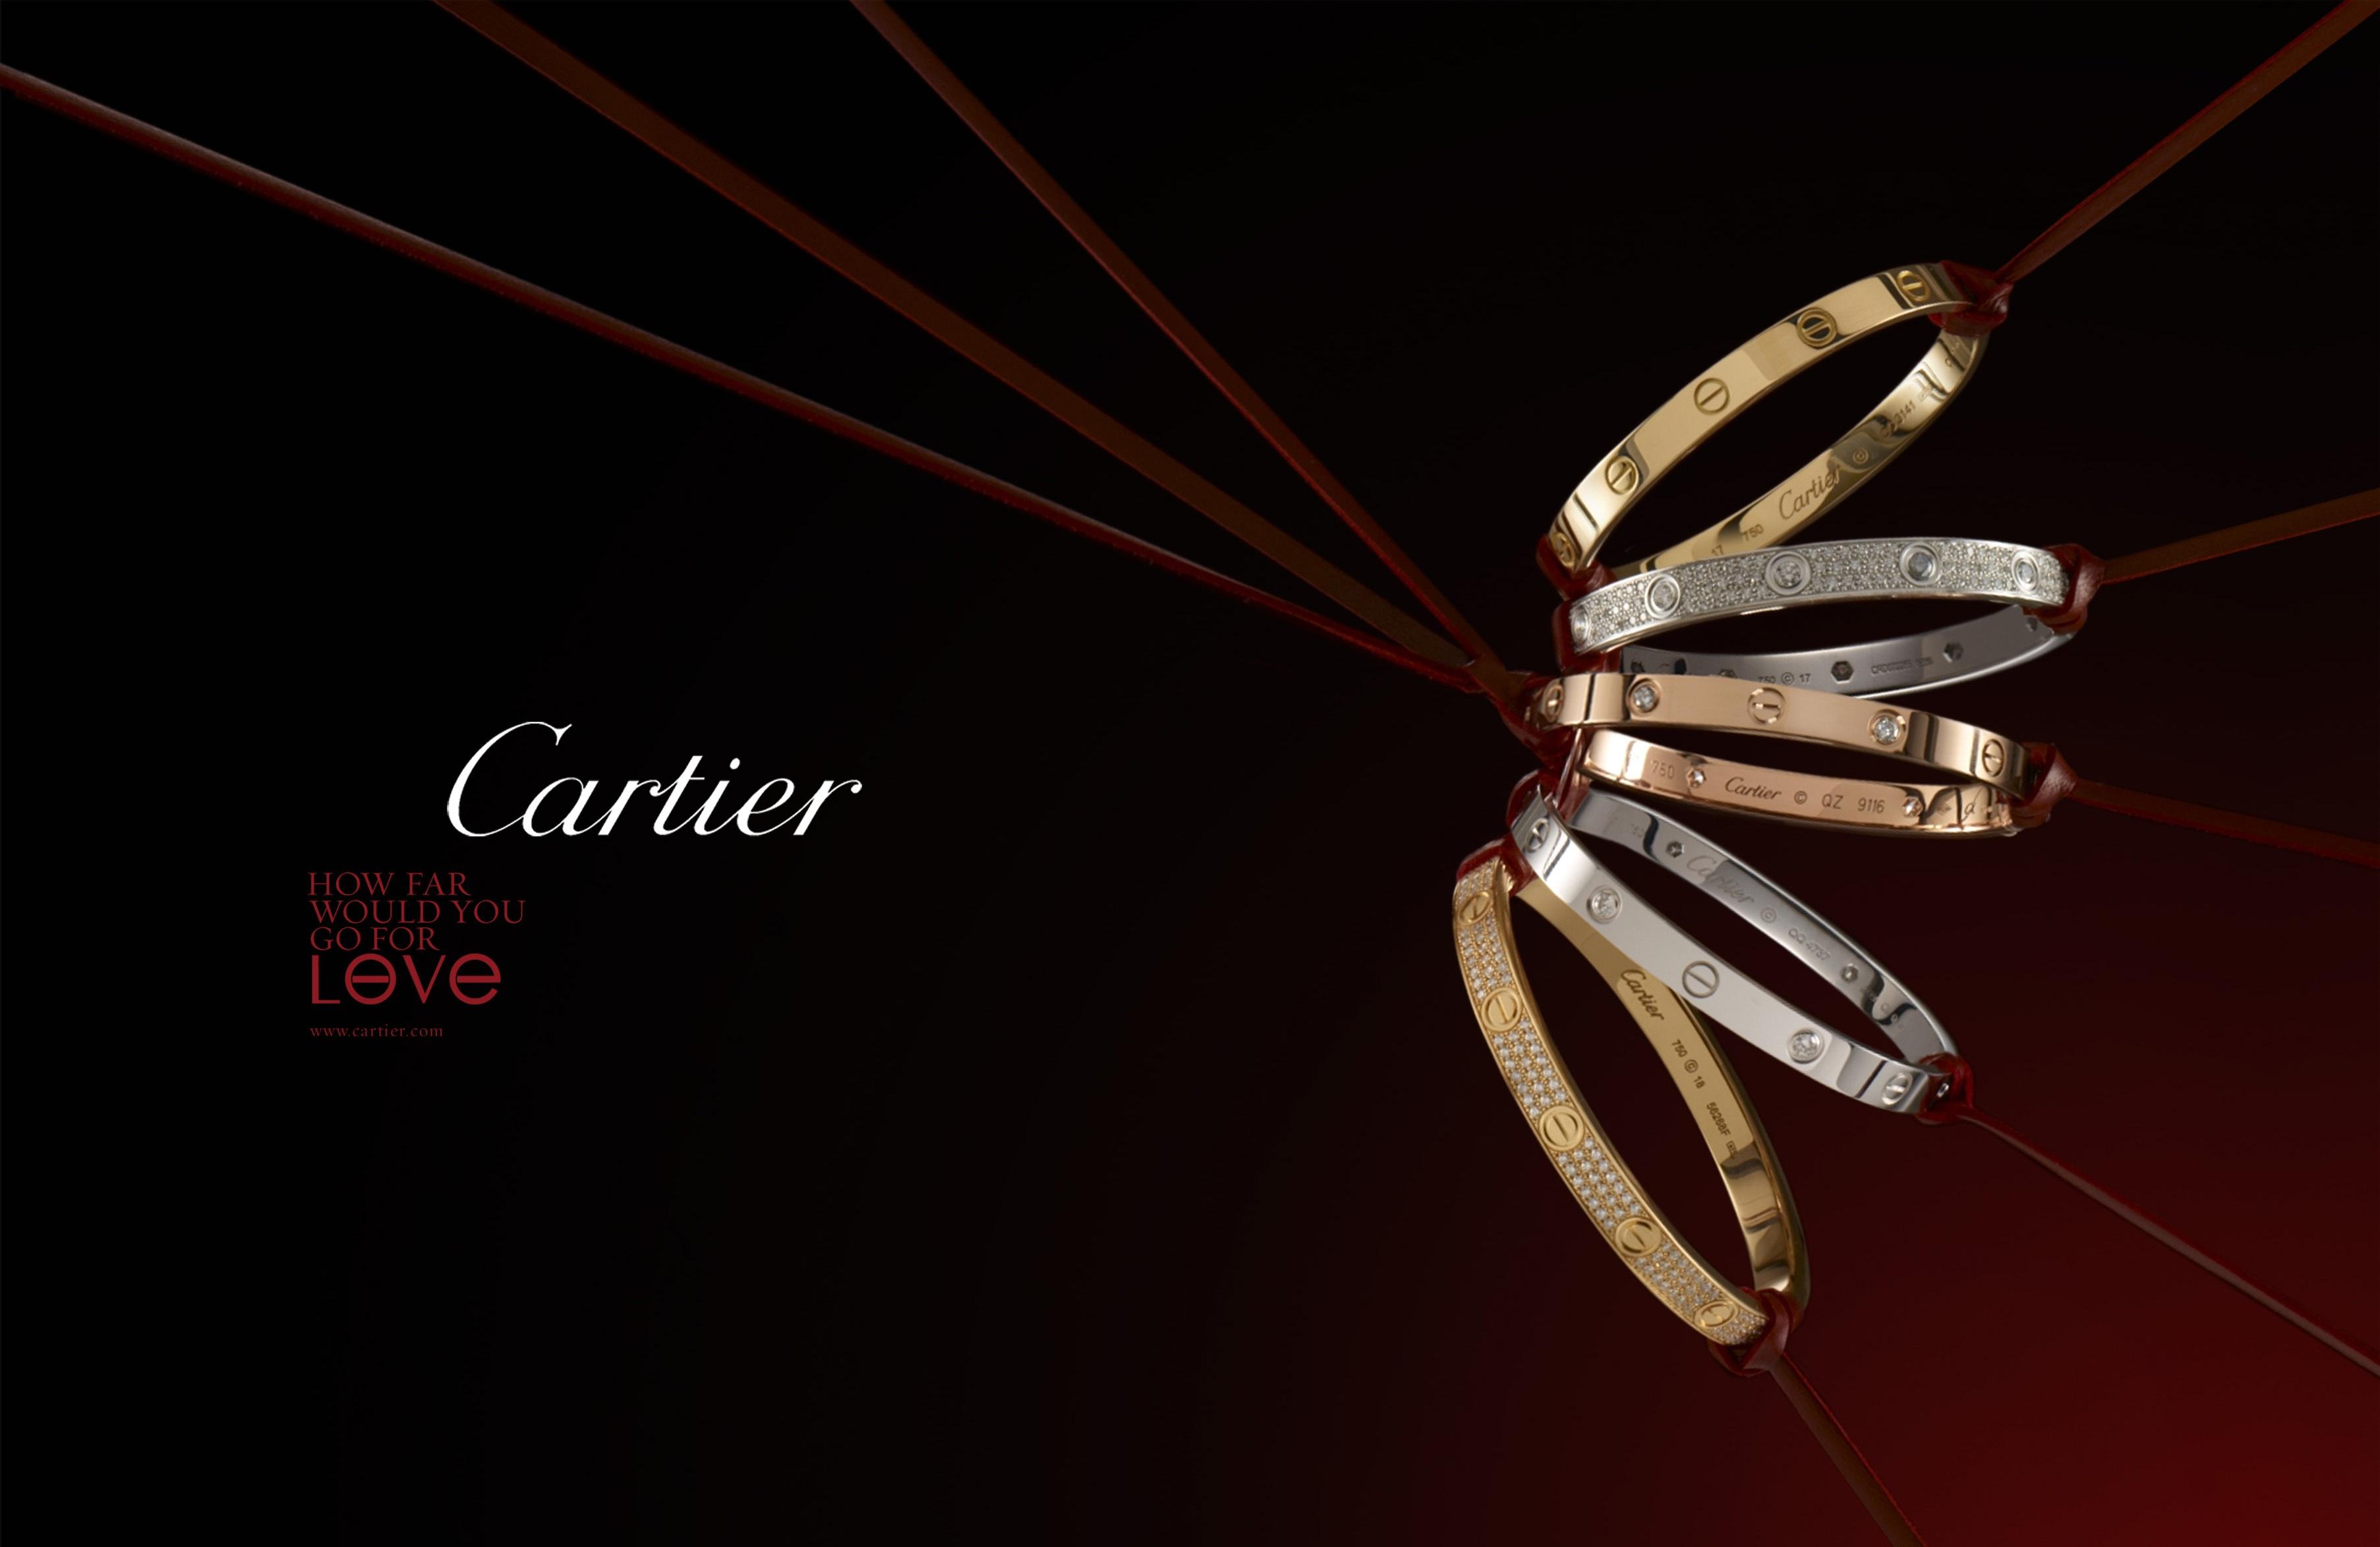 cartier-love-1